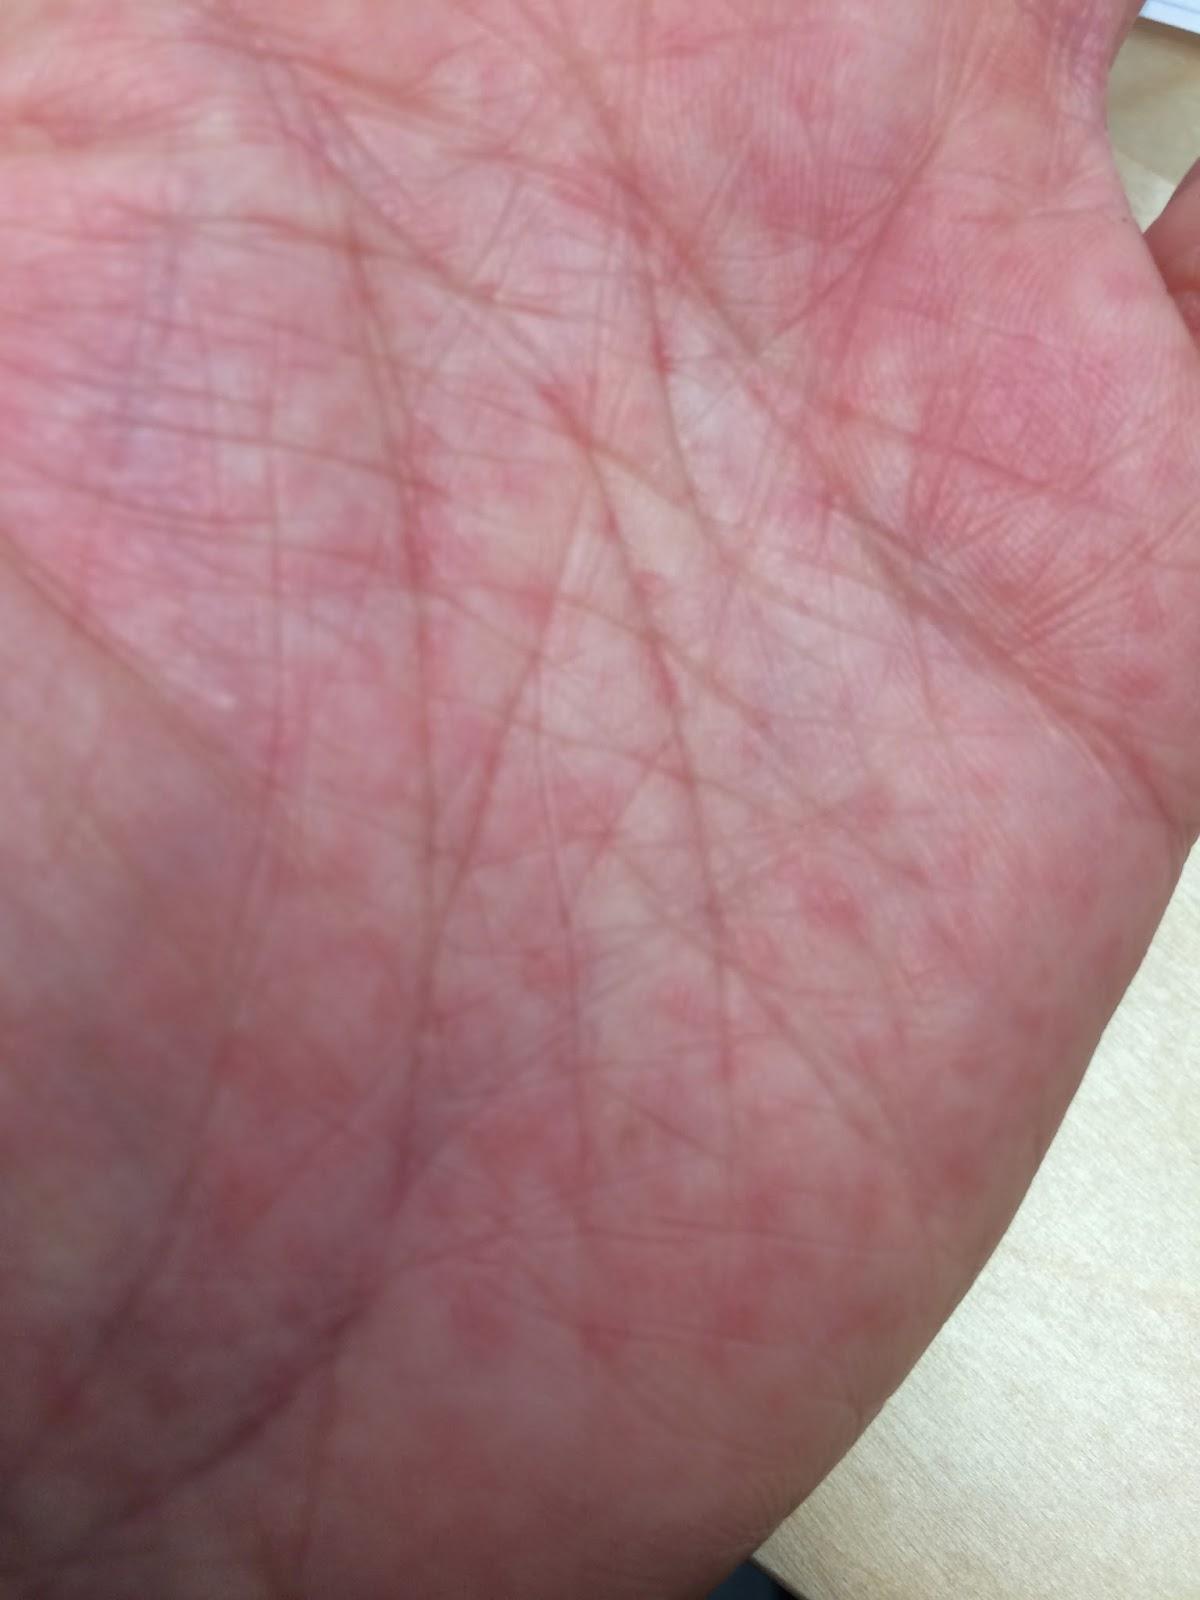 kløende håndflader